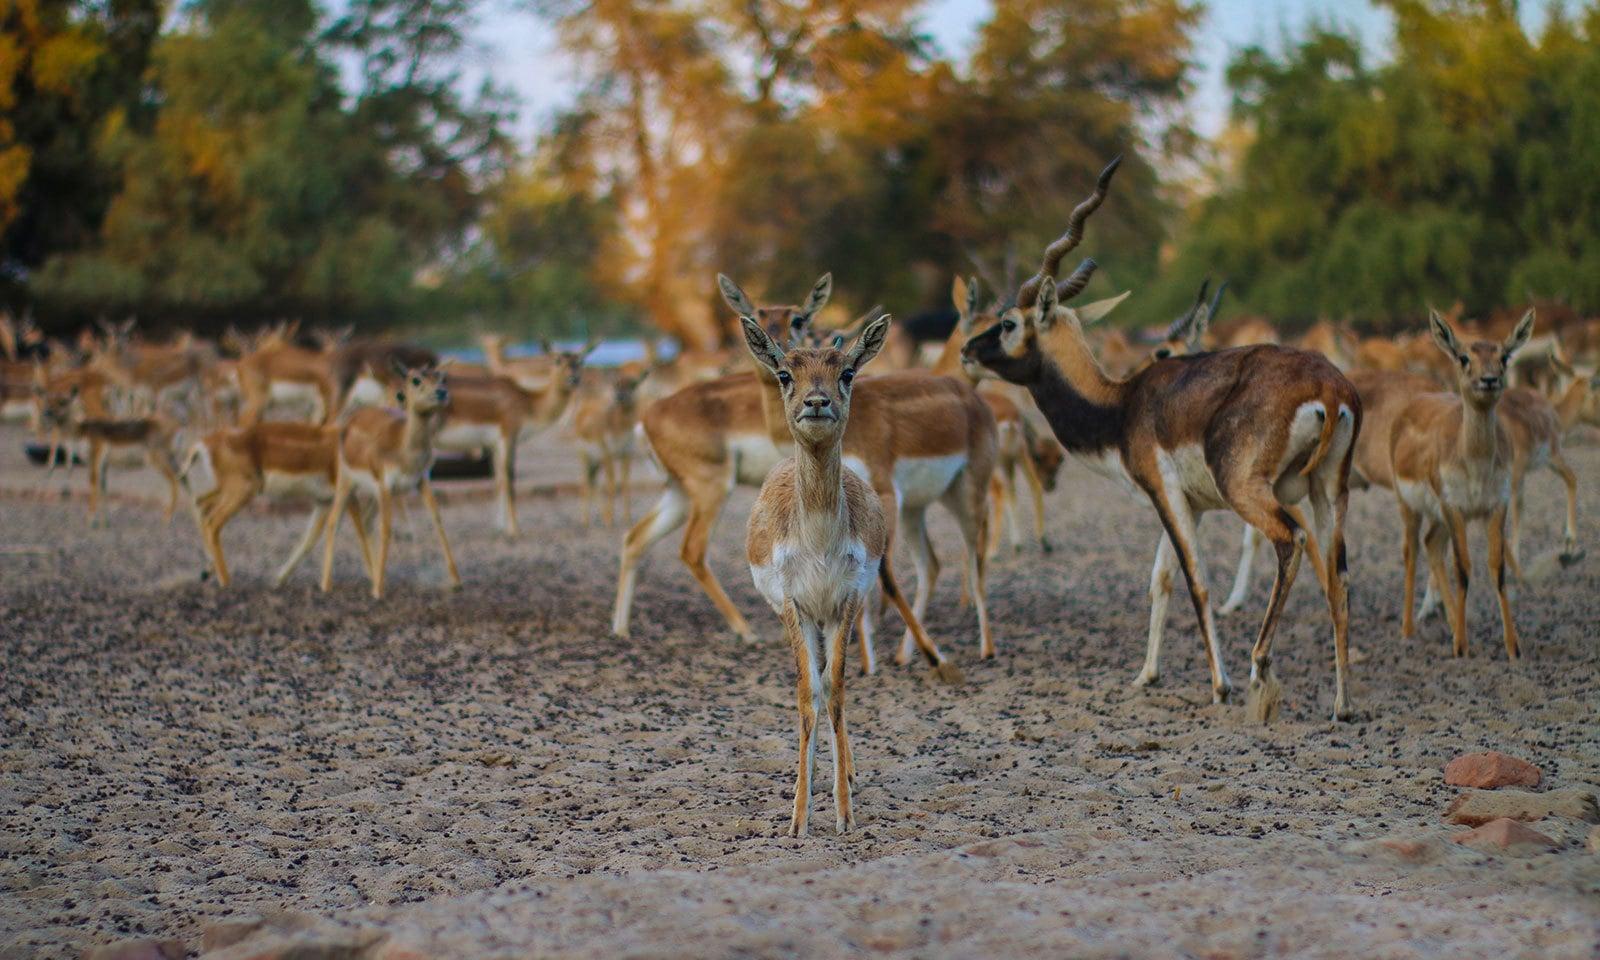 لال سوہانرا نیشنل پارک — شٹر اسٹاک فوٹو